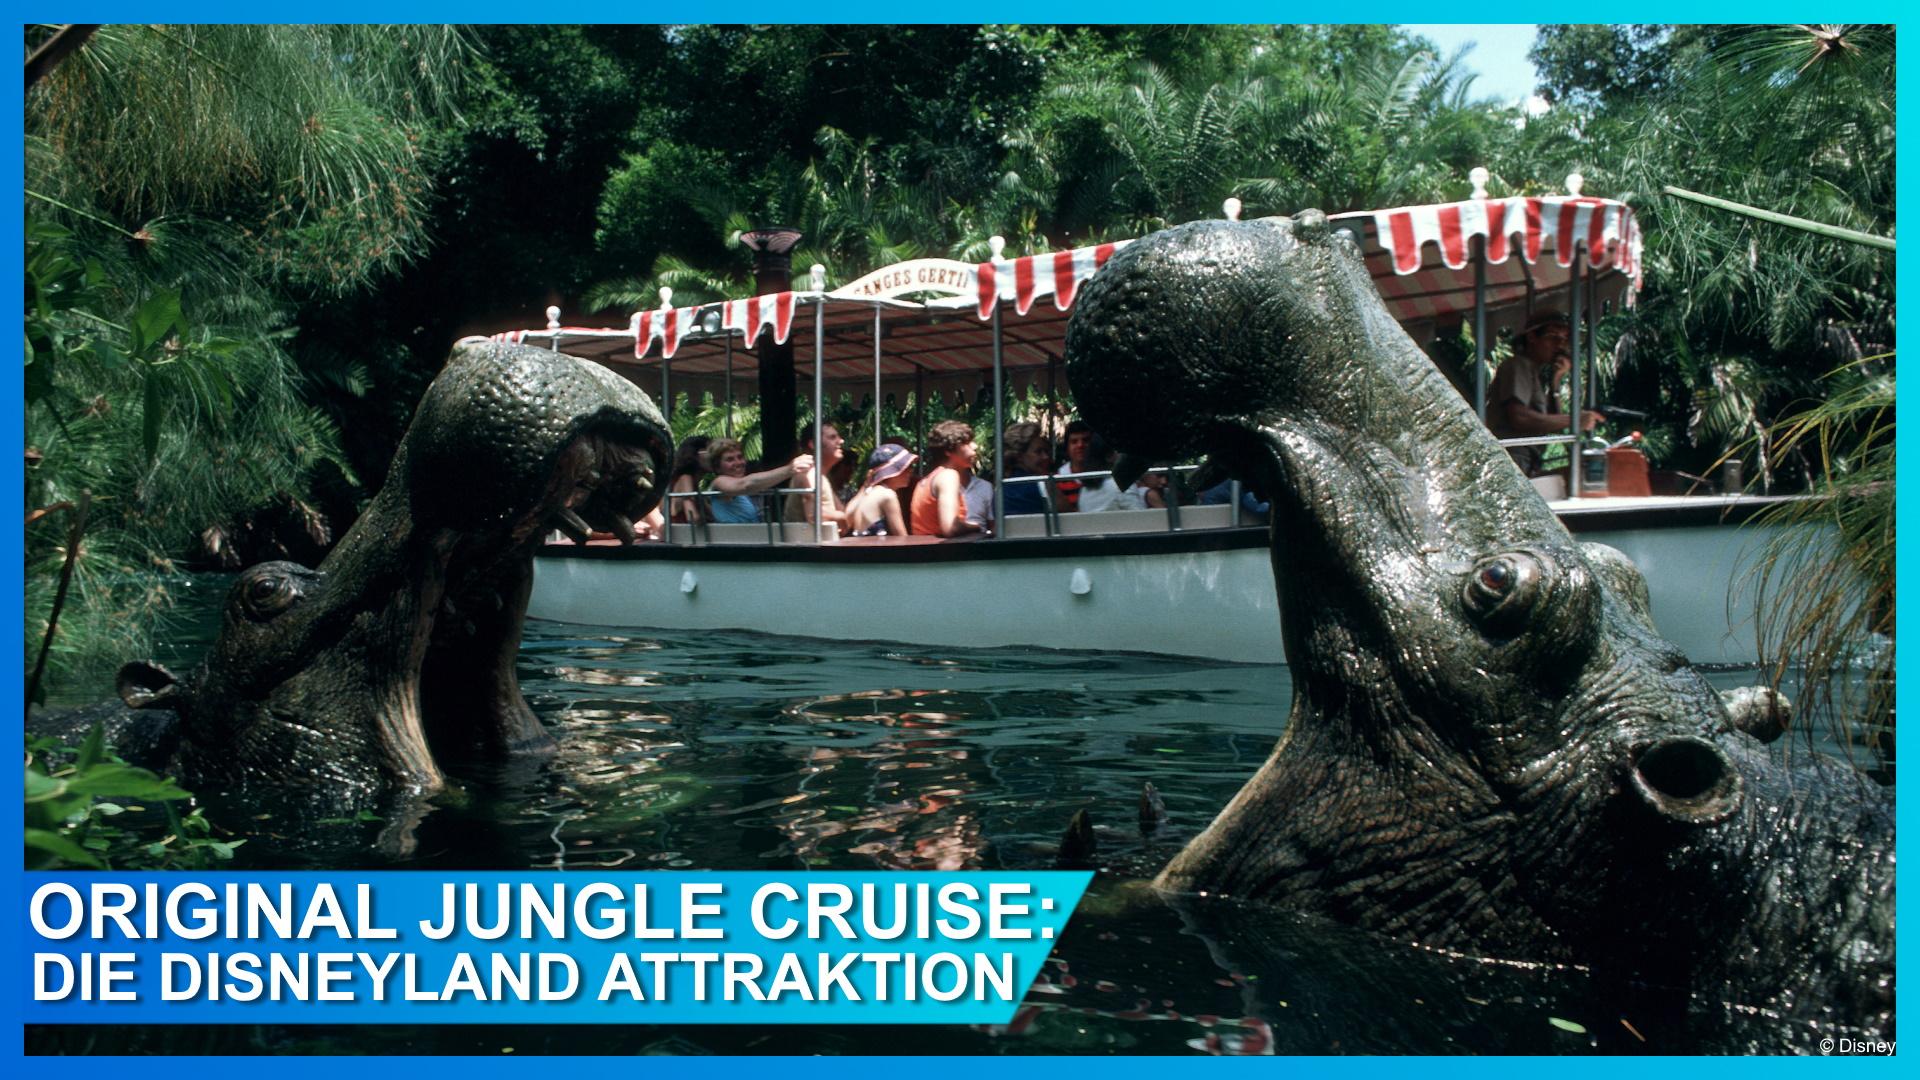 Jungle Cruise: Eine Opening Day Attraction wird zum Kino-Blockbuster